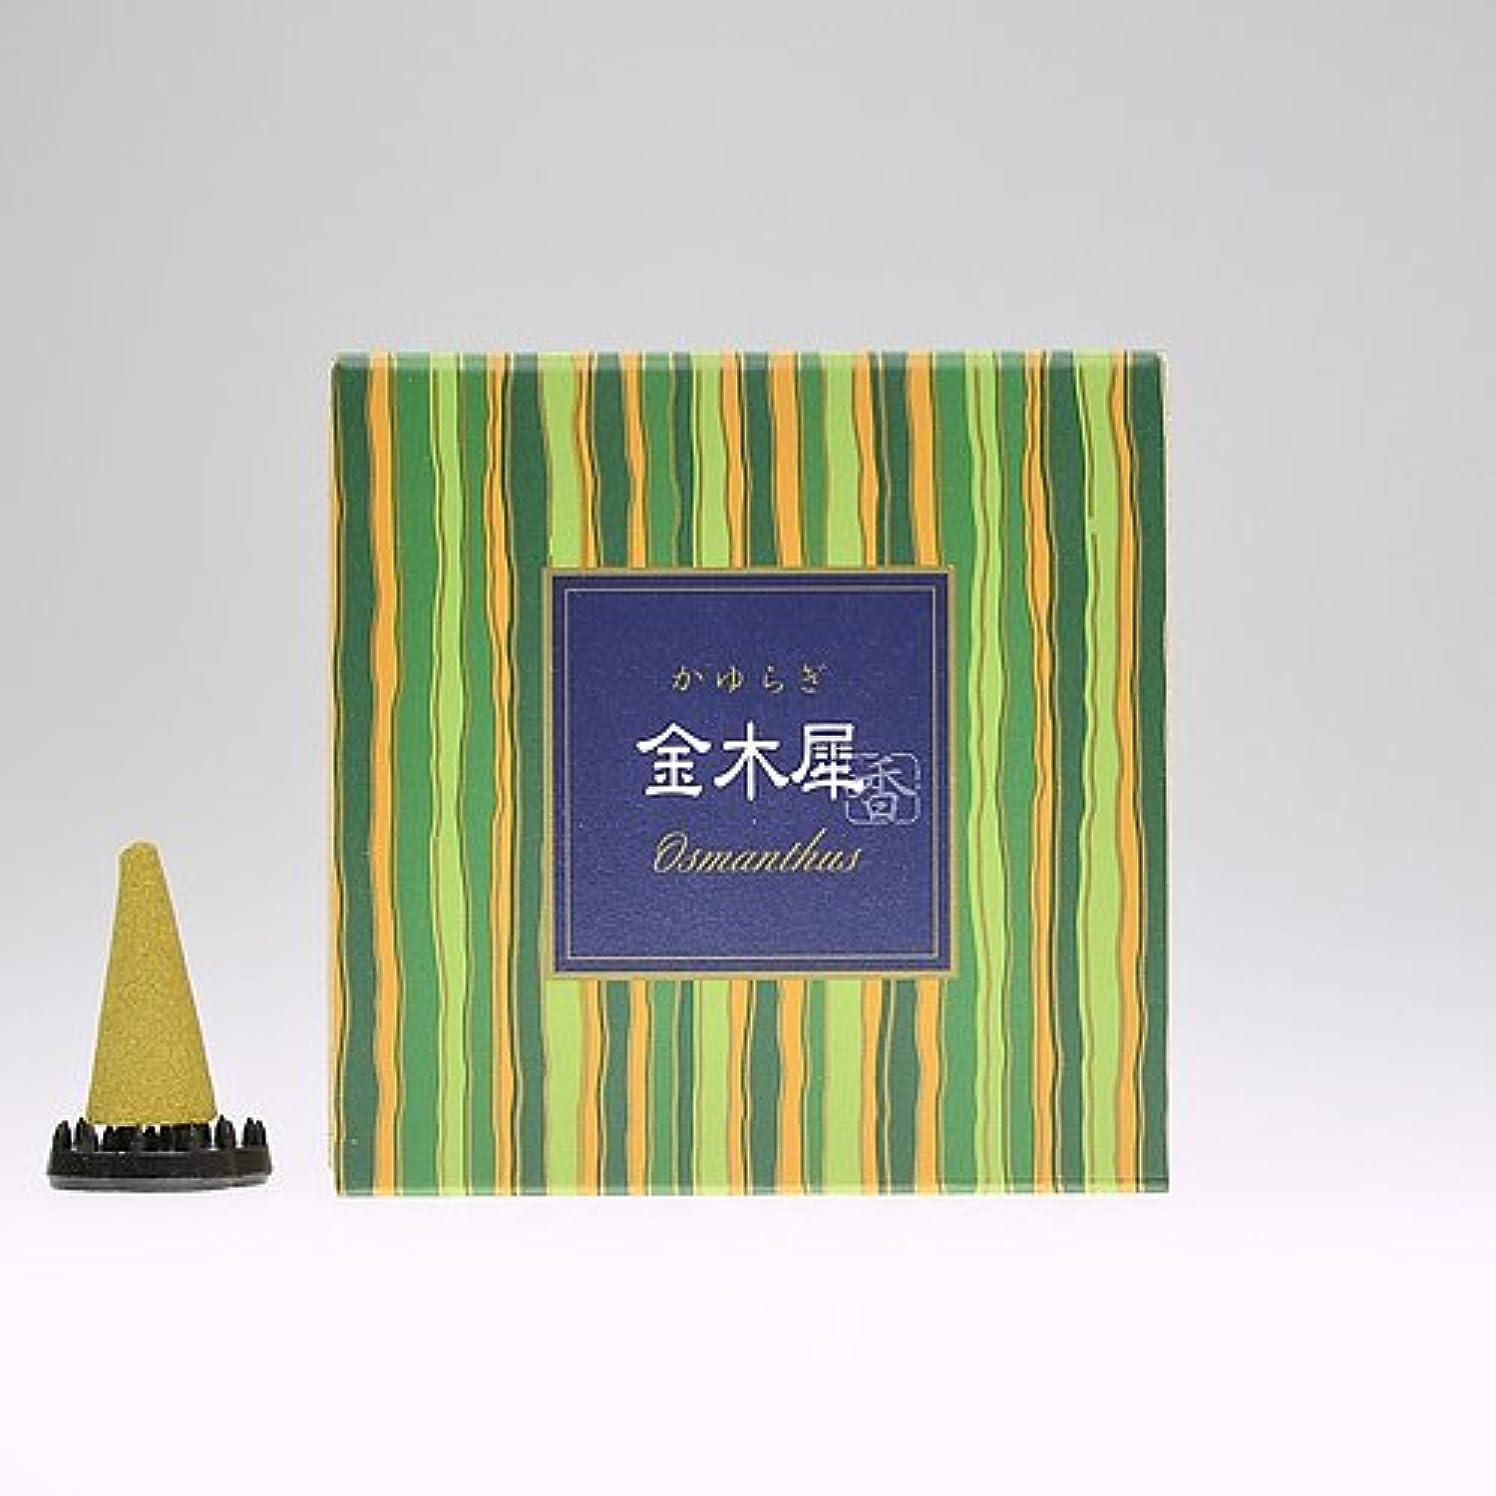 インキュバス囲まれたかすれた日本香堂 かゆらぎ お香コーン 12個入 「金木犀(きんもくせい)」 4902125384149